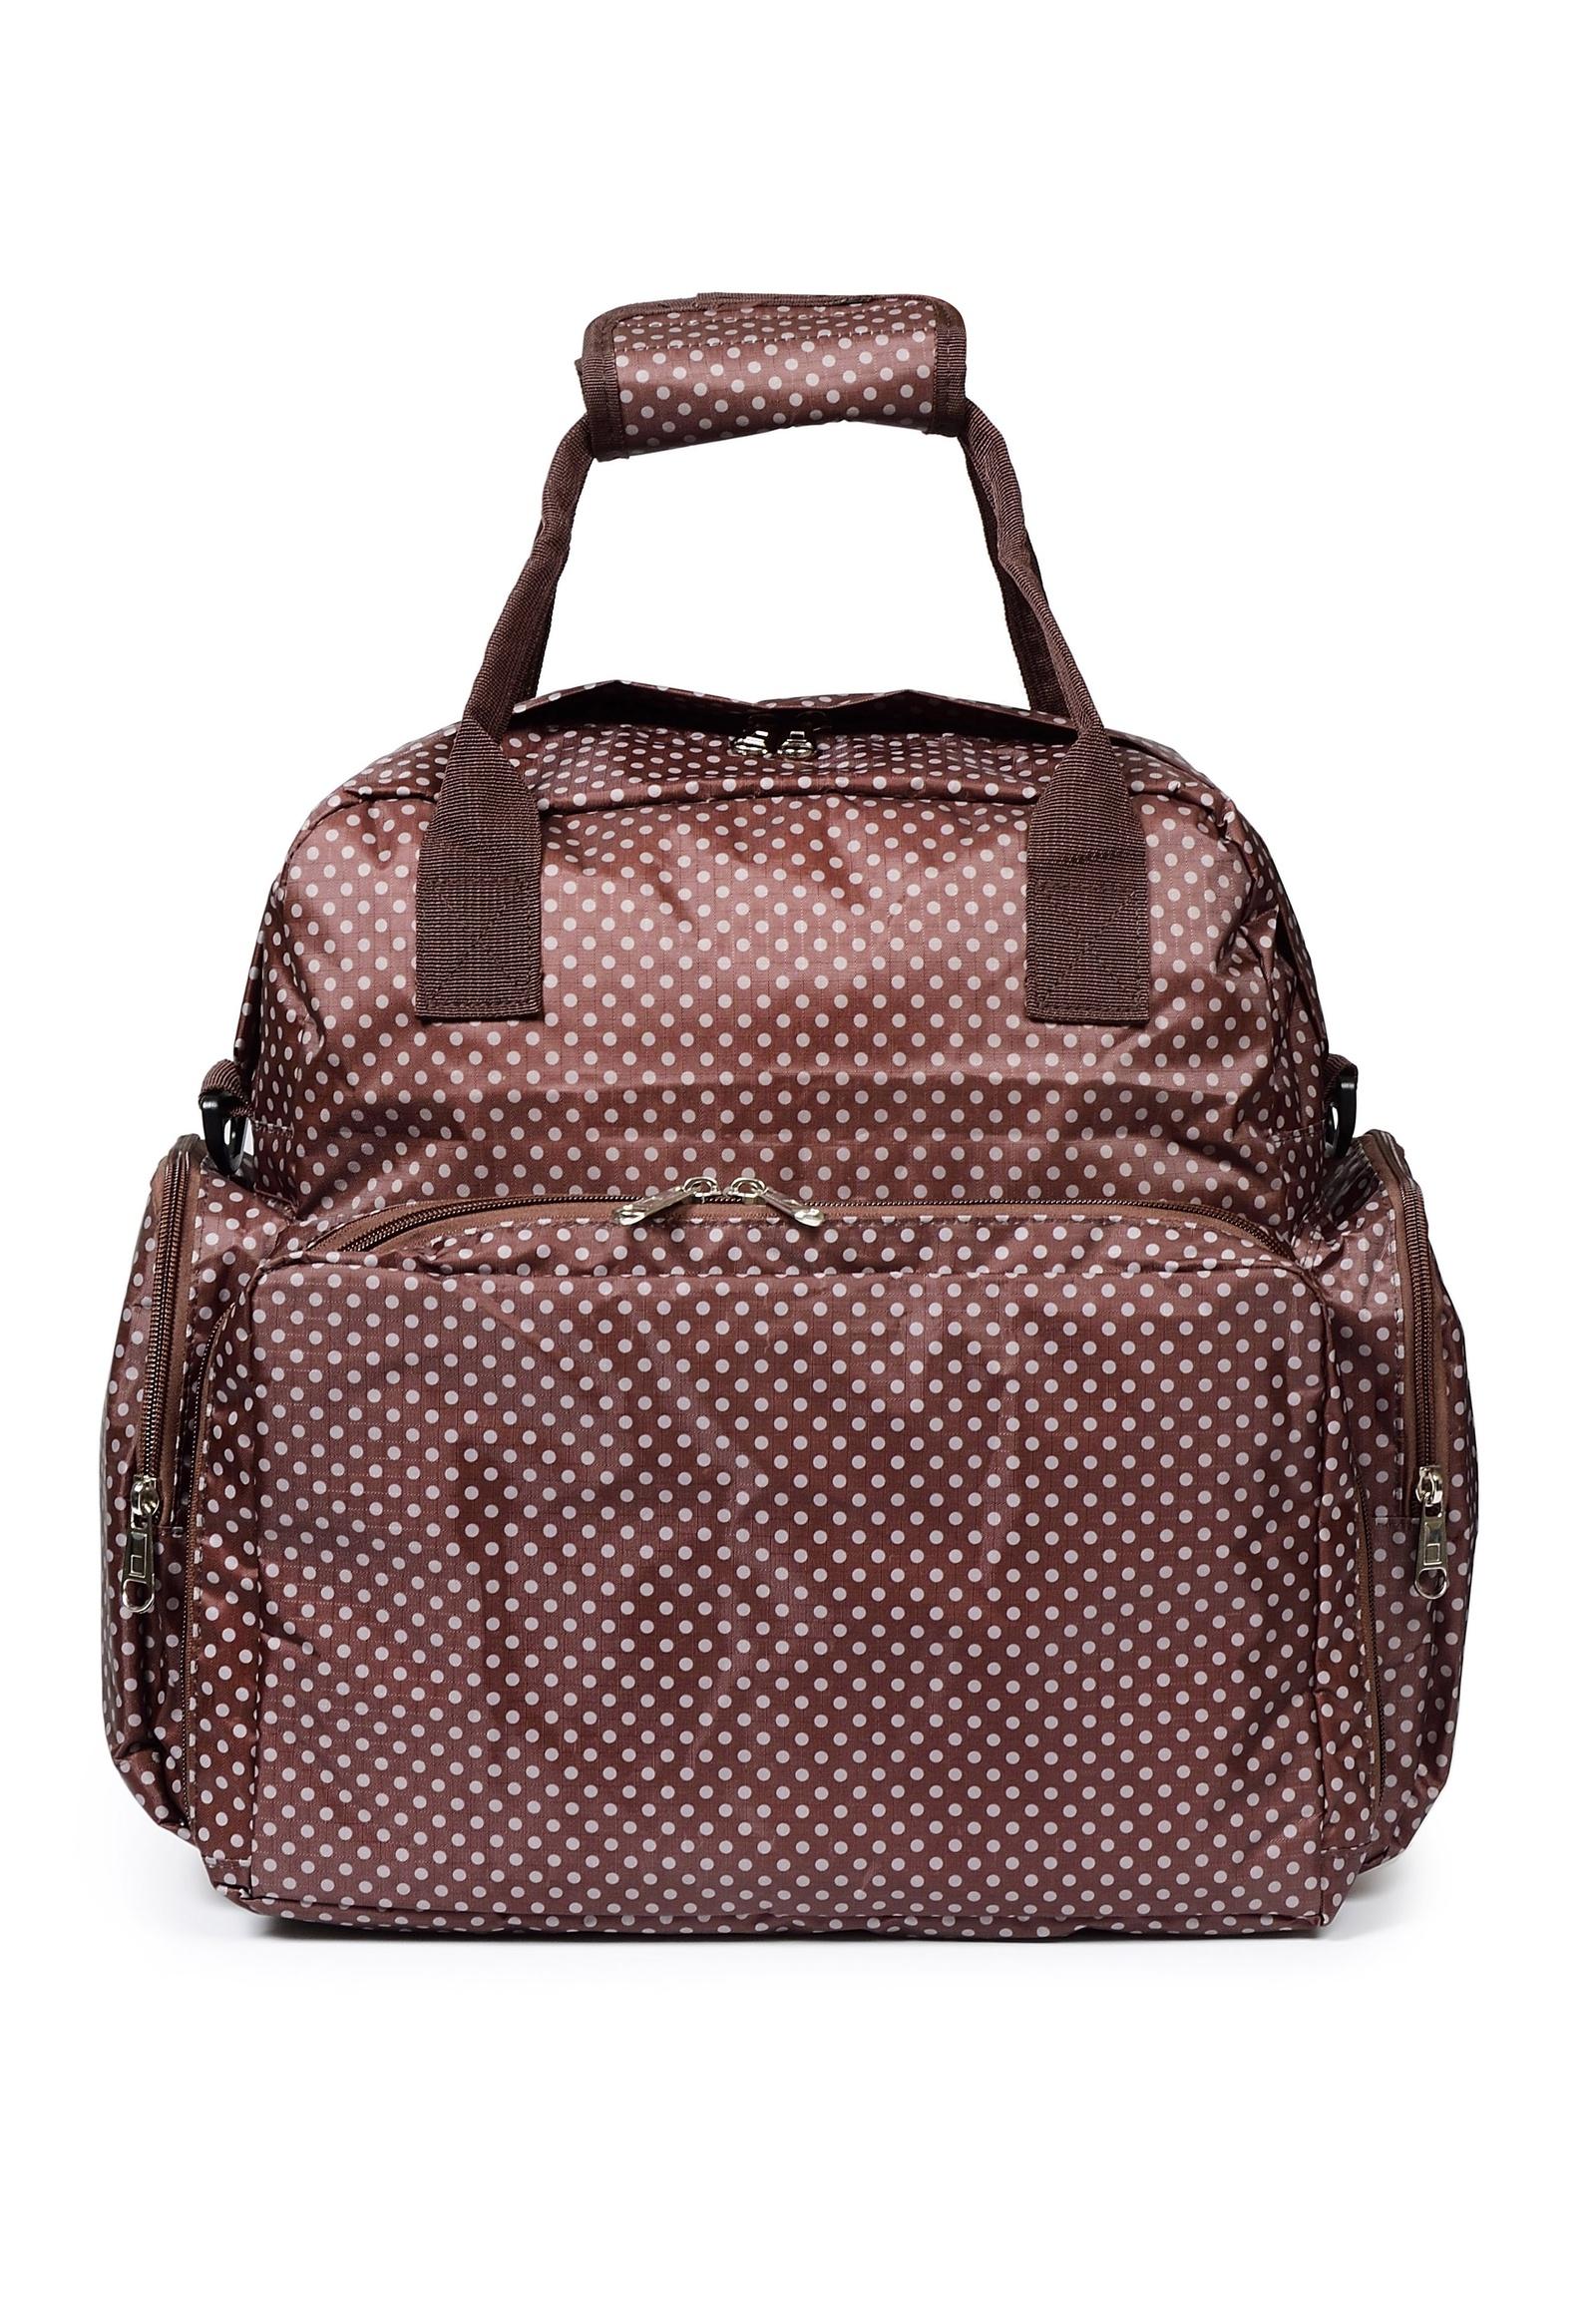 Фото - Сумка-рюкзак для мам, Ankommling. BMASPBr ай ши oiwas плечо сумка красные мешки отдыха рюкзак ocb4187